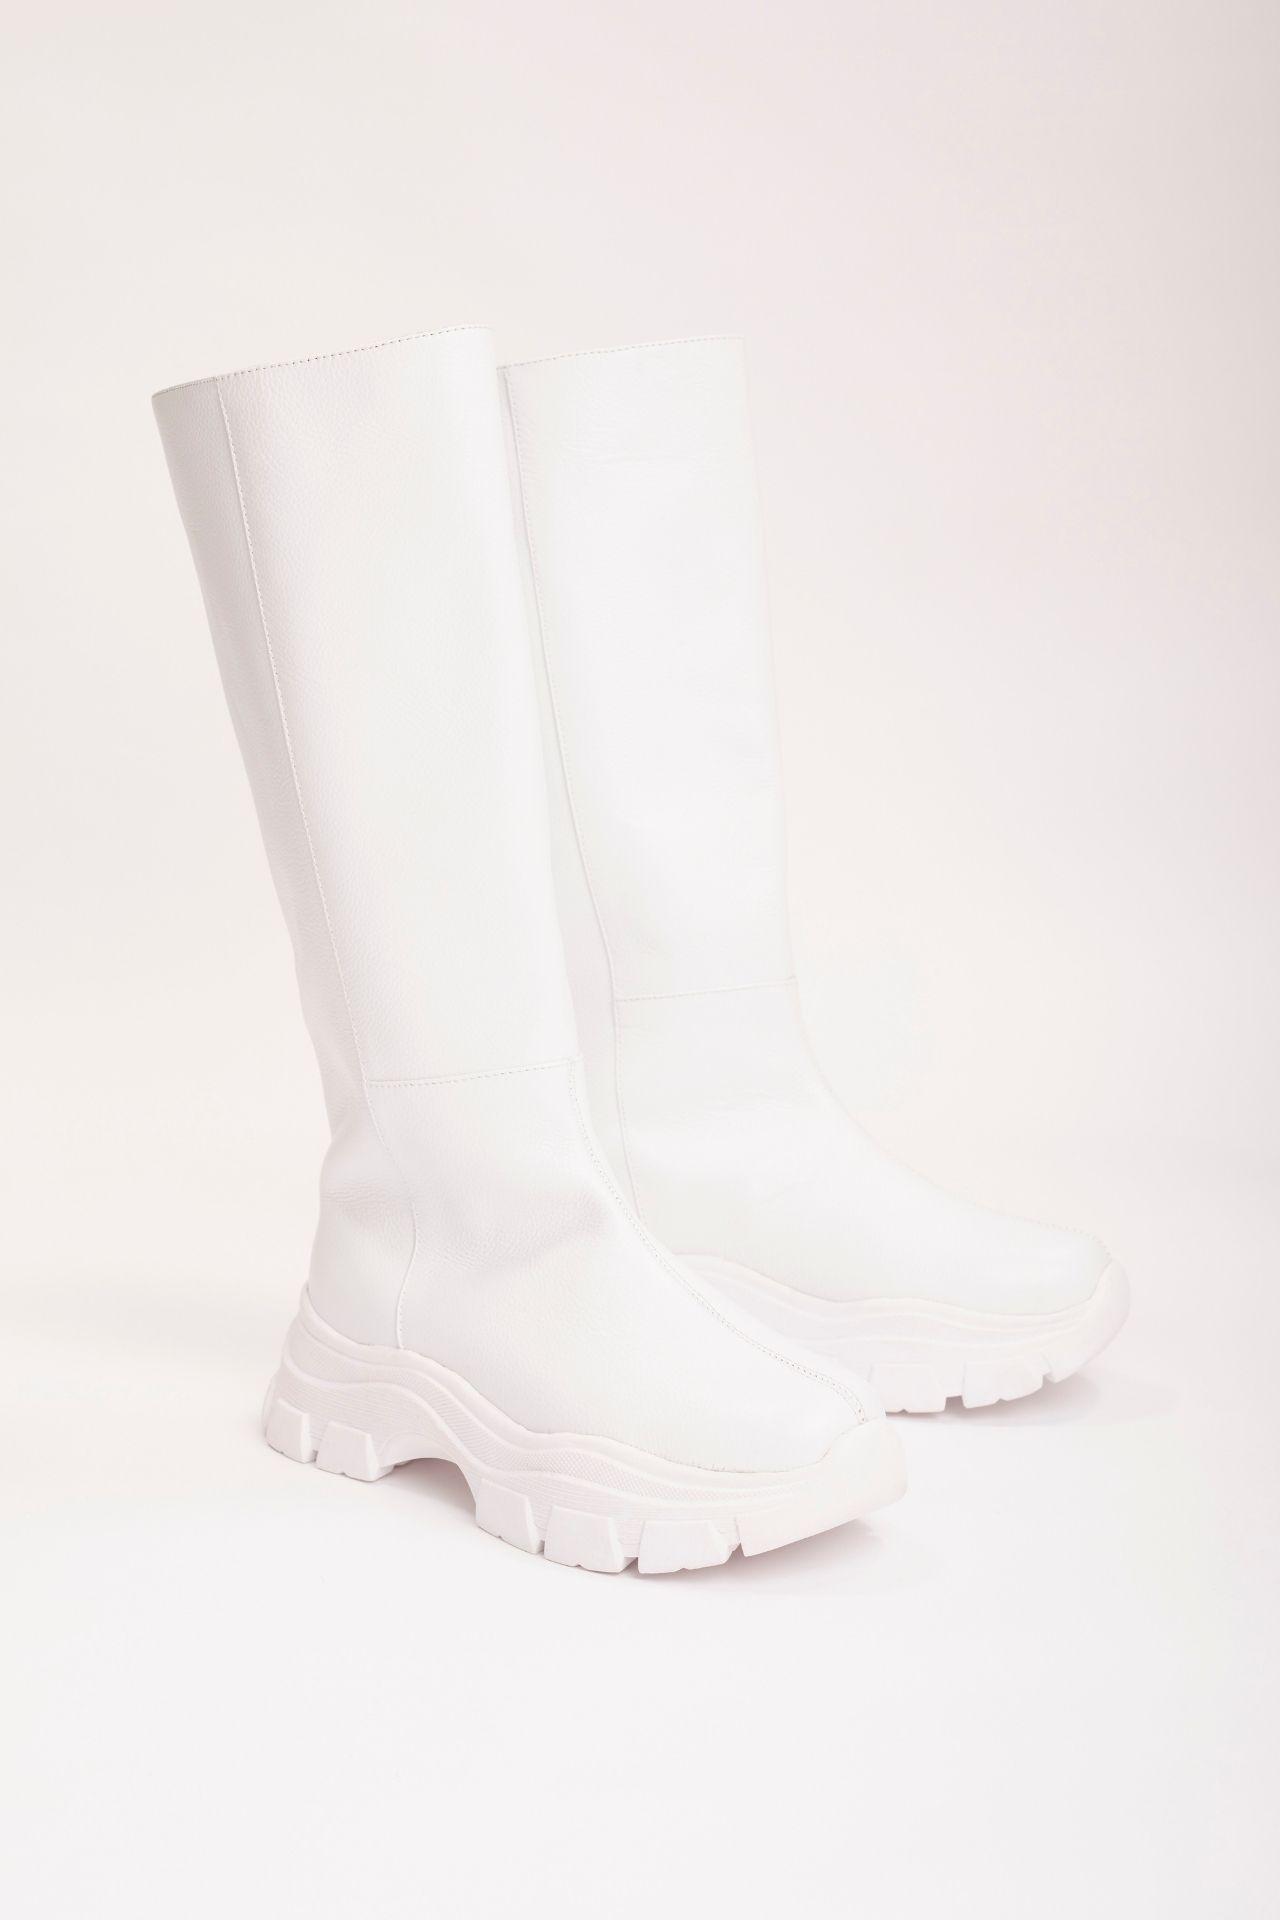 Tiempo de entrega: 7 días  Botas altas de cuero blanco con base chunky. Tienen 5cm de altura  CAPELLADA: CUERO NATURAL / FORRO: BADANA NATURAL